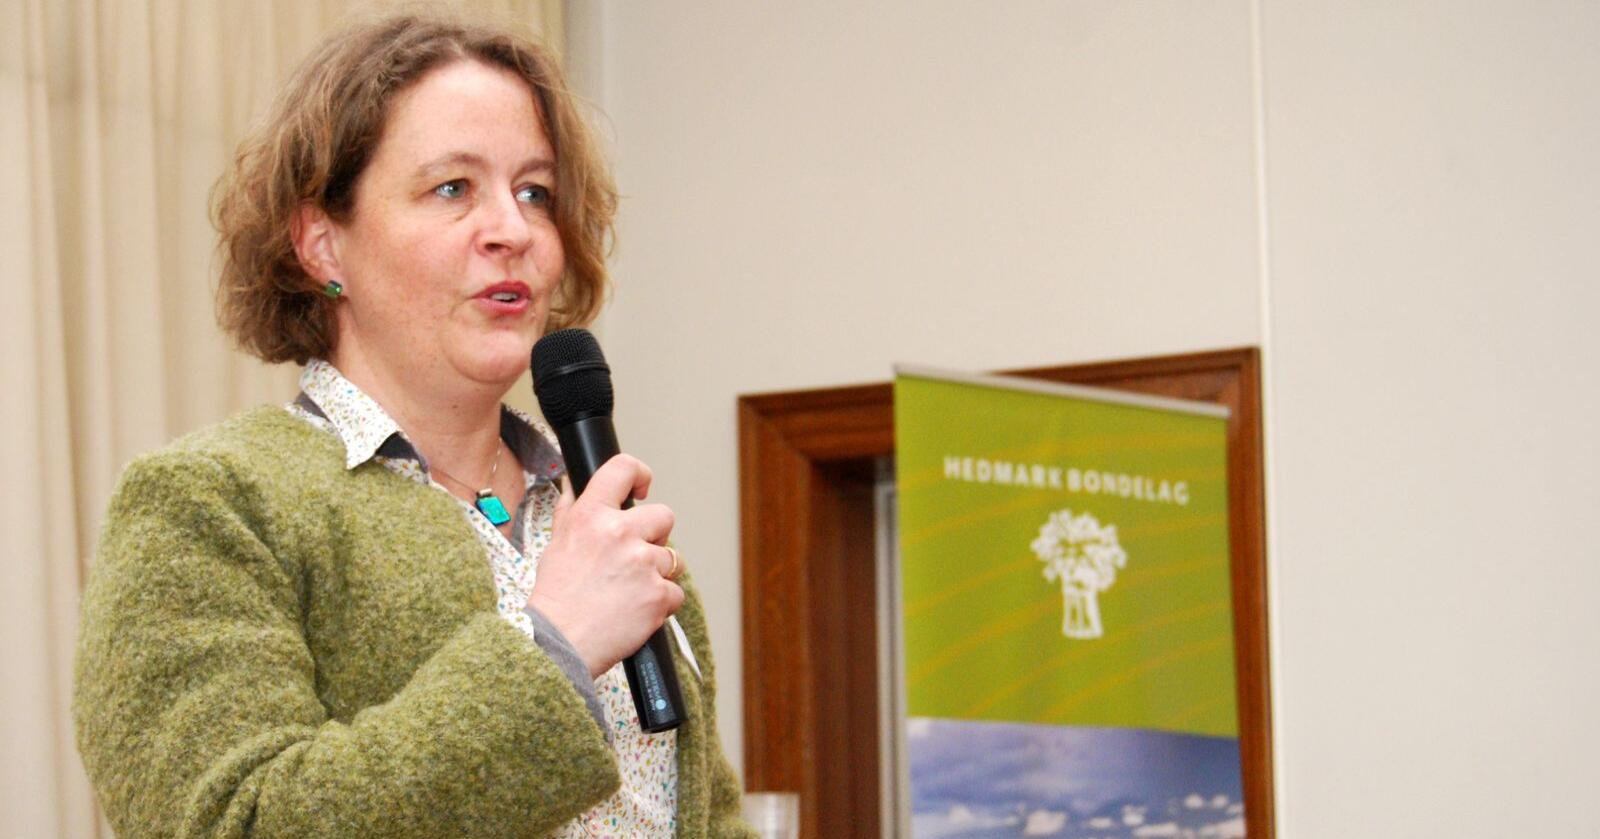 Utsatt: Elisabeth Gjems (bildet) og Kristina Hegge forteller at sammenslåingen av de to fylkeslagene vil bli utsatt på grunn av koronaviruset. (Foto: Guro Breck)